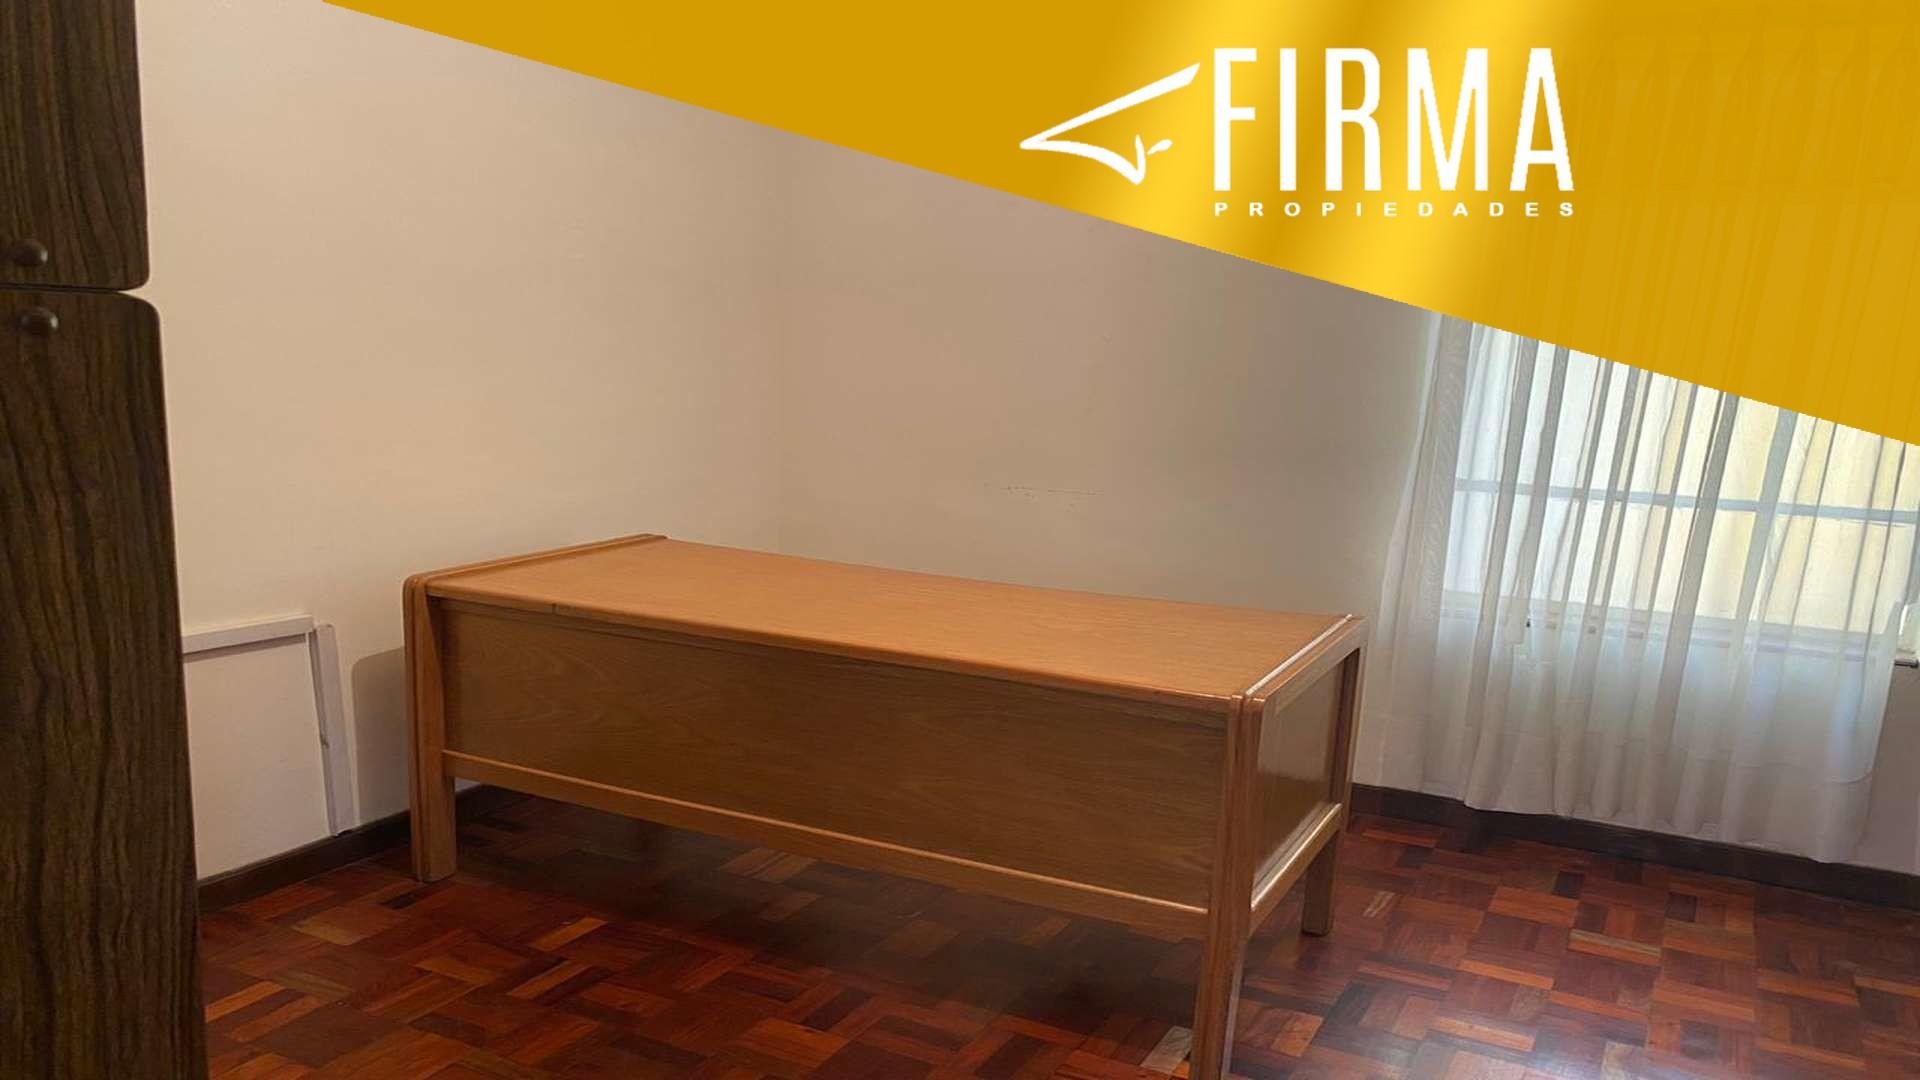 Casa en Venta FCV63024 – COMPRA ESTA CASA EN MIRAFLORES Foto 5